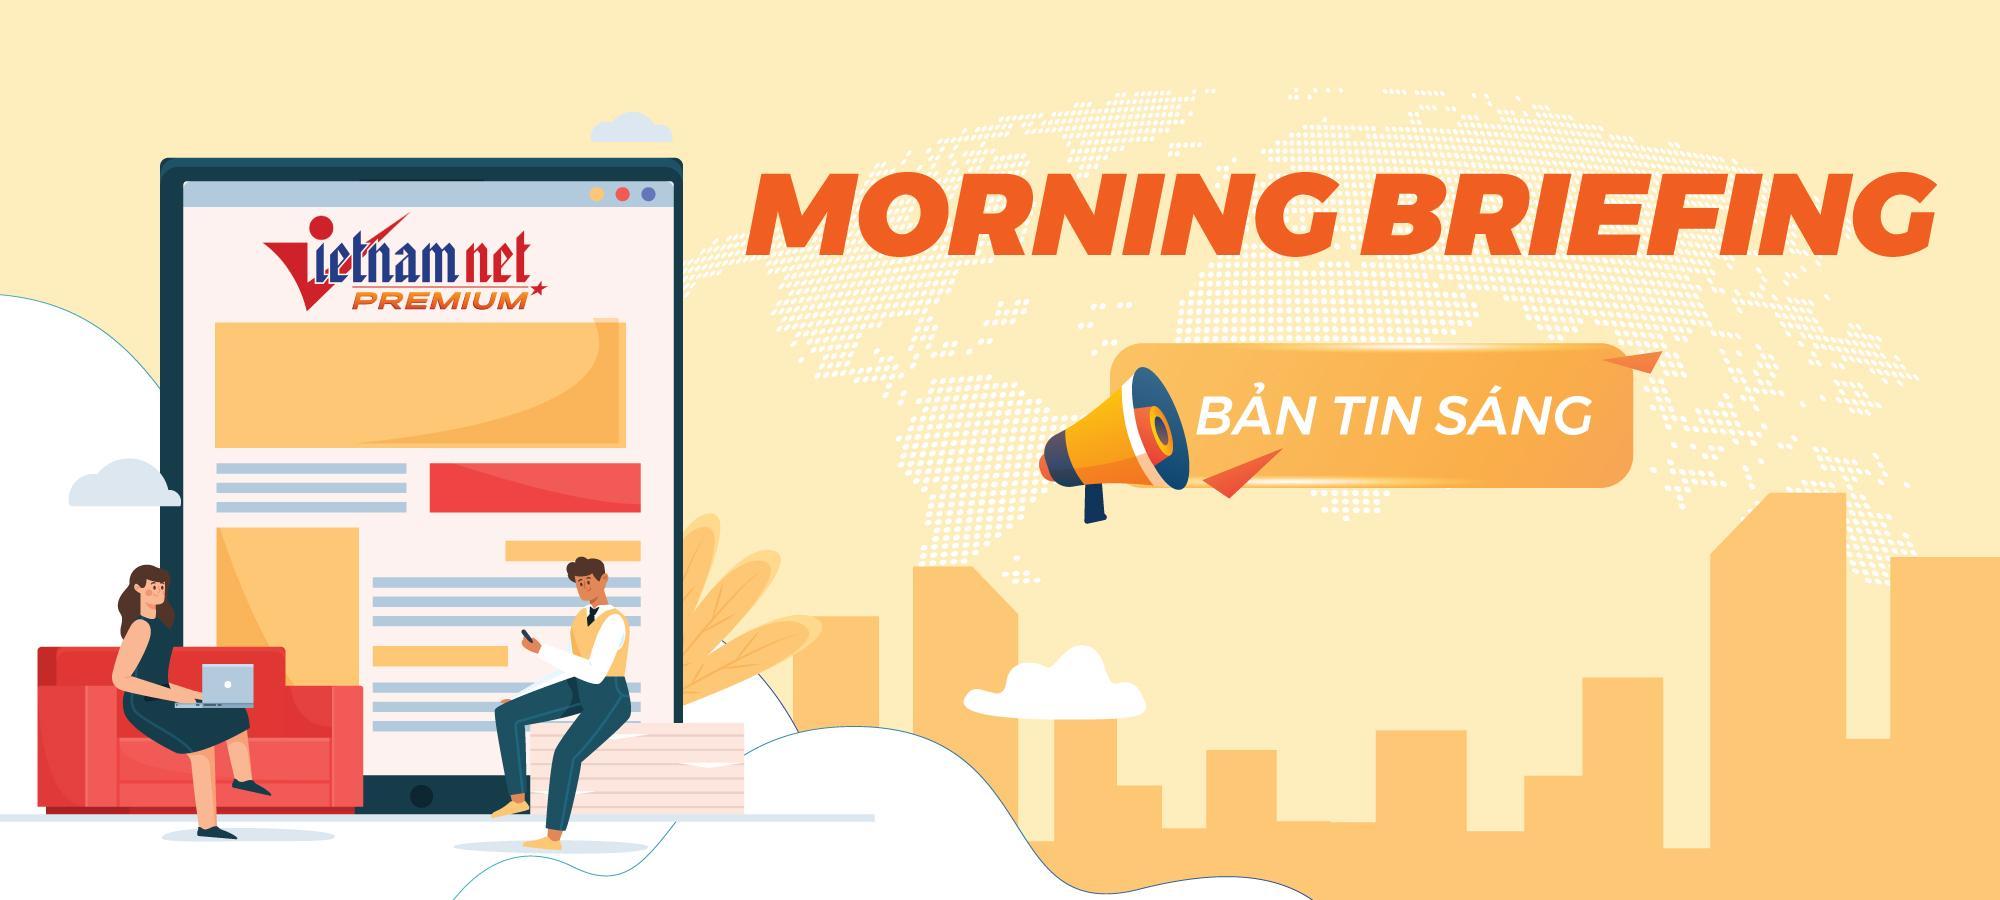 Bản tin sáng VietNamNet (14/09/2021)